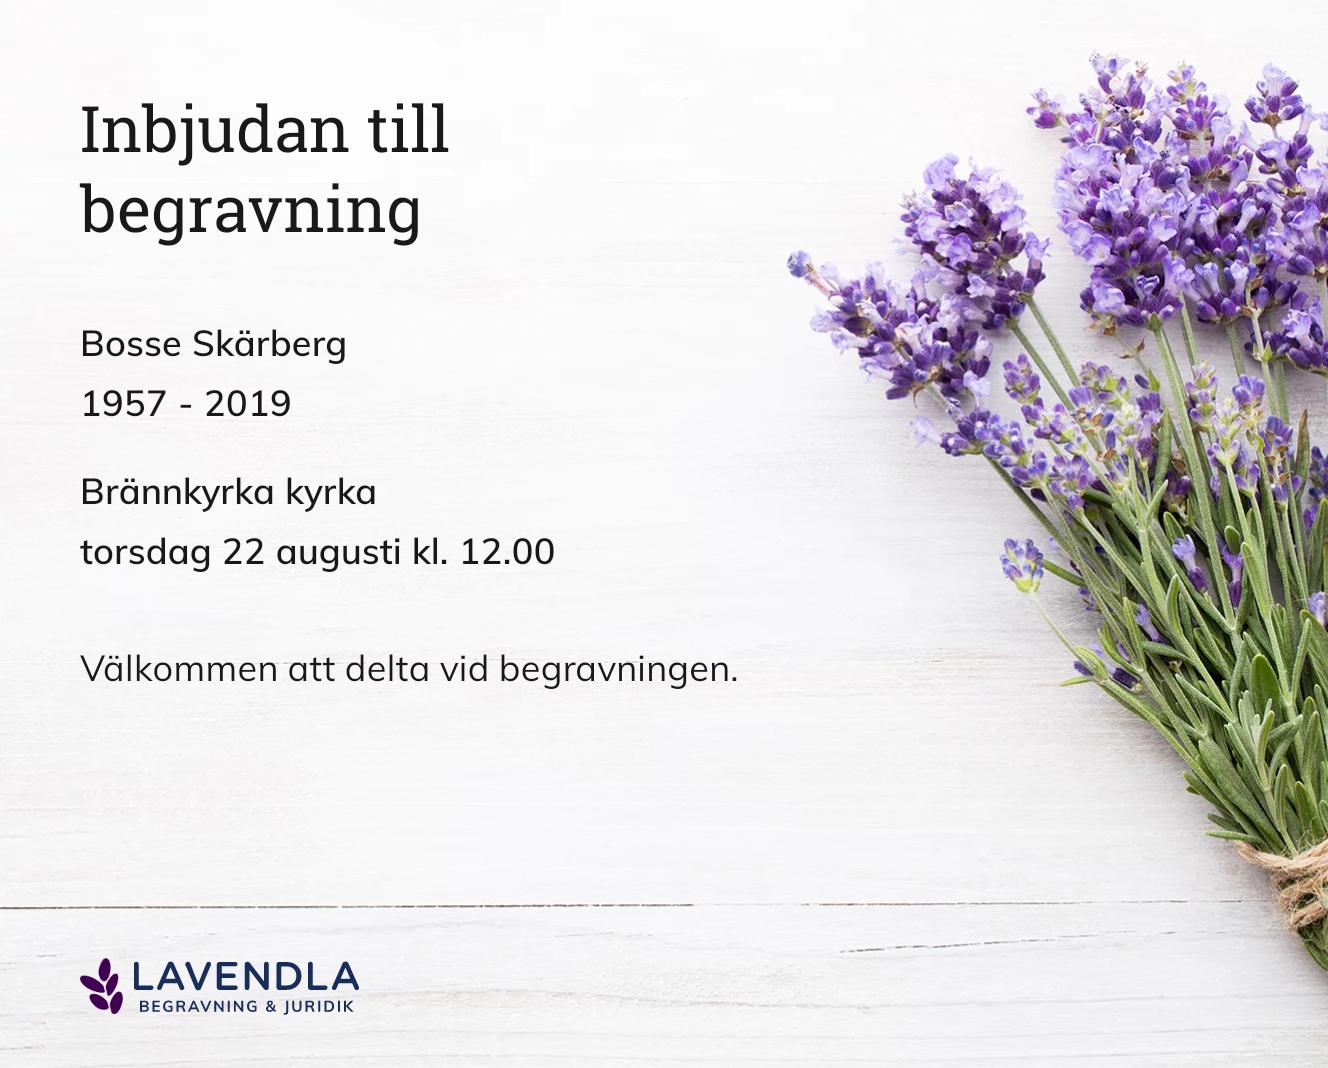 Inbjudningskort till ceremonin för Bosse Skärberg